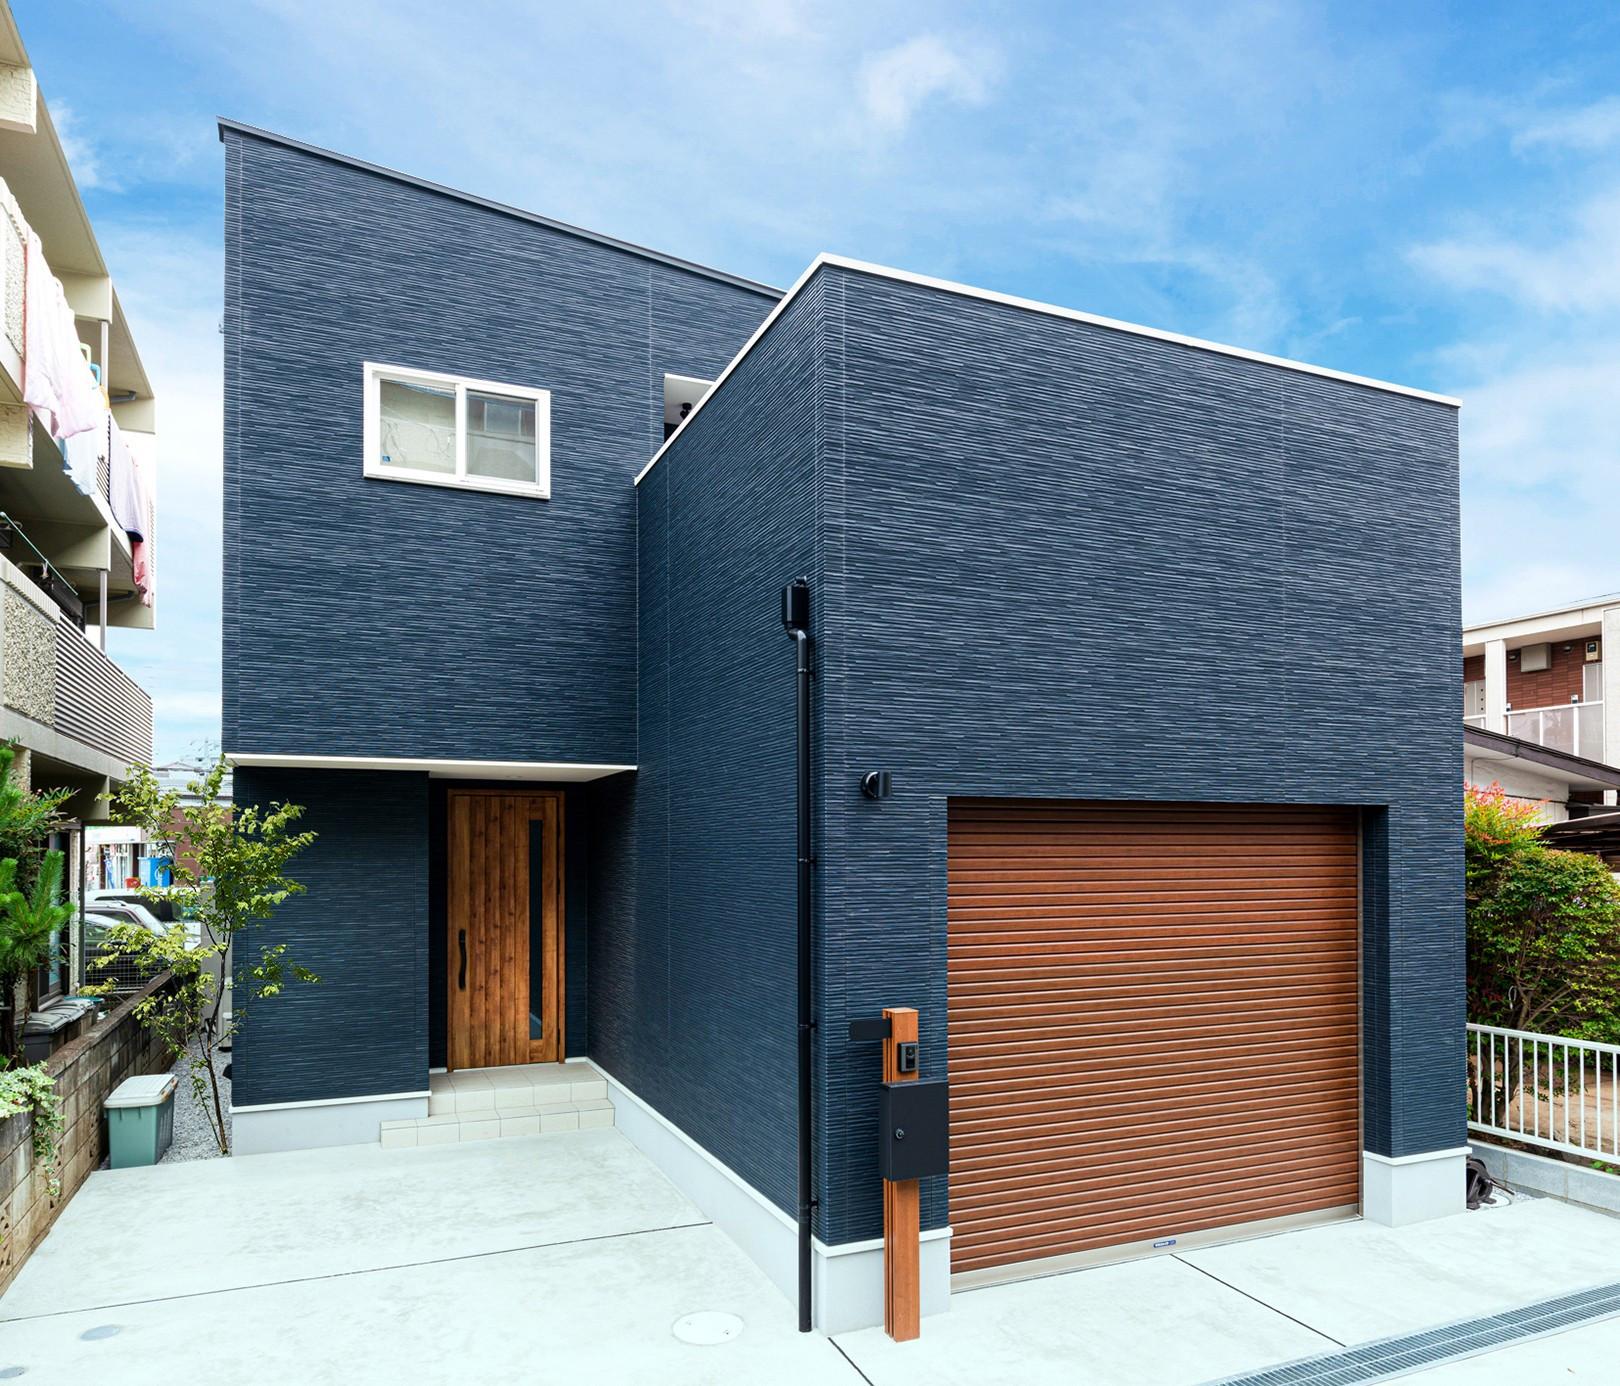 広々としたインナーガレージ&バルコニーのあるお家 アイキャッチ画像